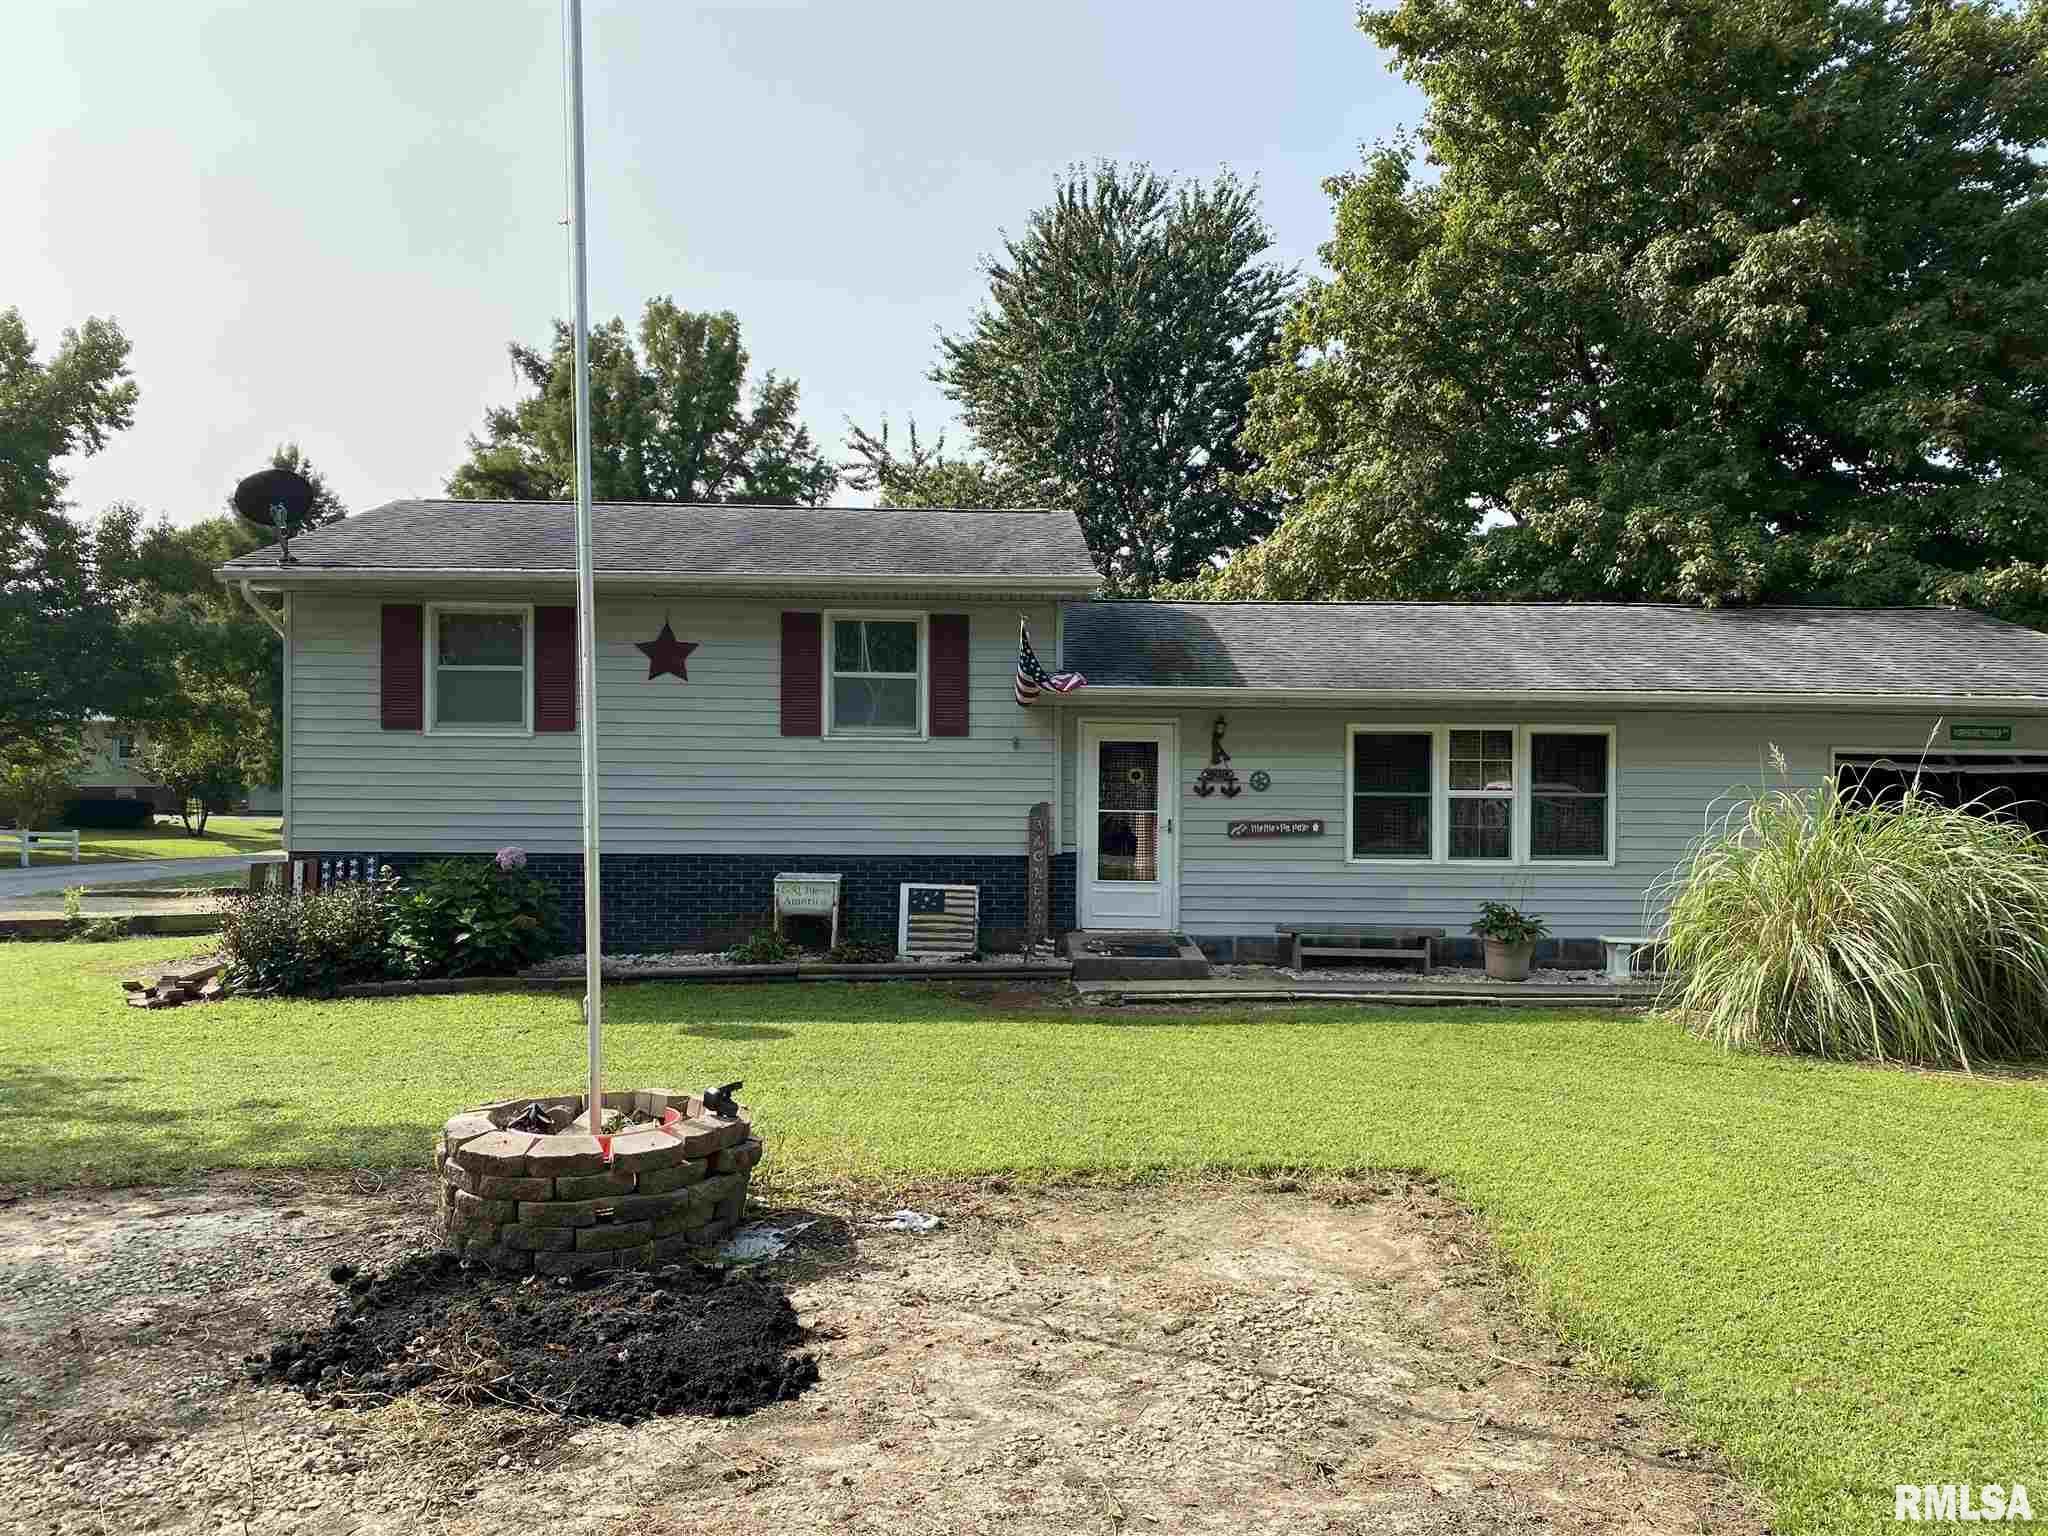 409 E CAMELOT Property Photo - DeSoto, IL real estate listing